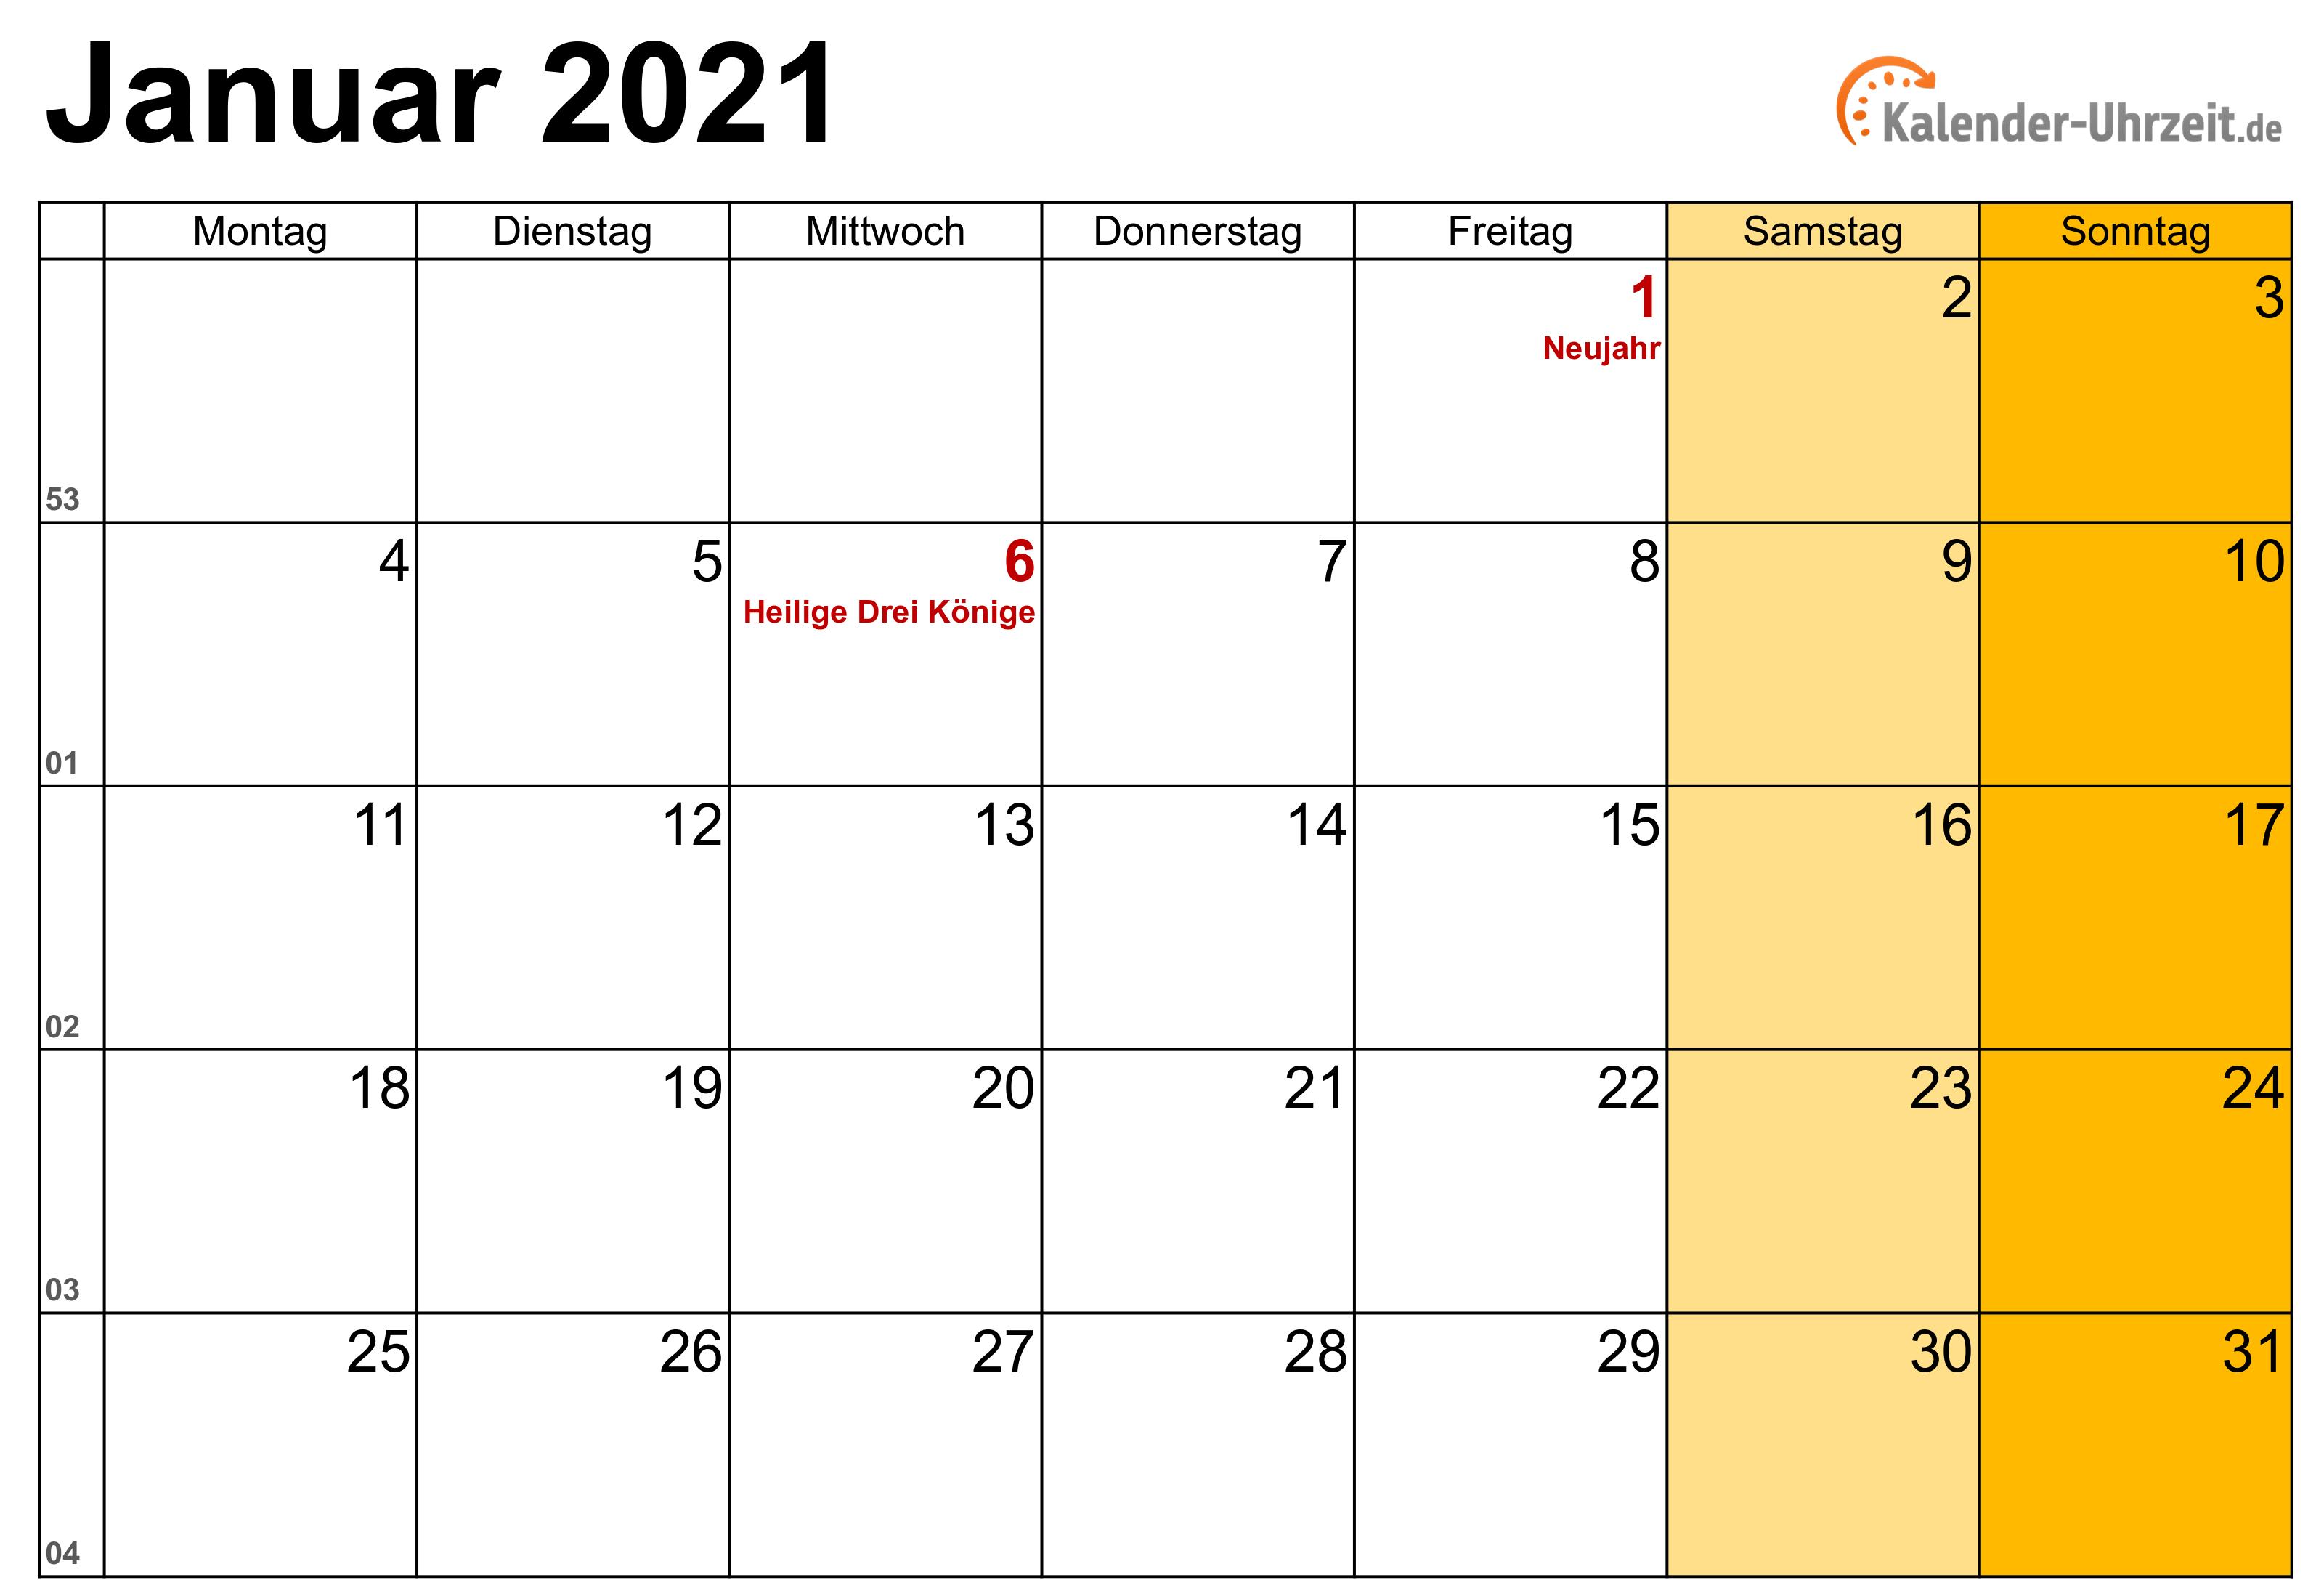 Januar 2021 Kalender Mit Feiertagen In 2021 Calendar Bar Chart Monthly Calendar